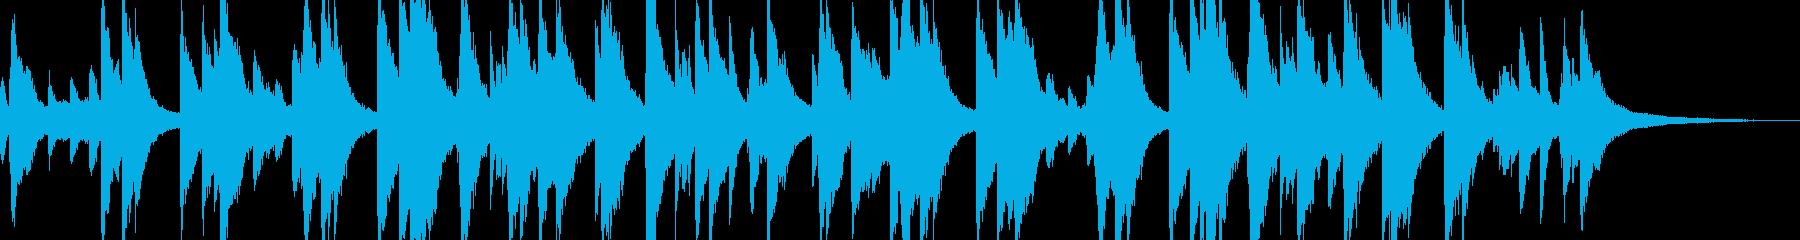 想い出をイメージしたピアノソロの再生済みの波形